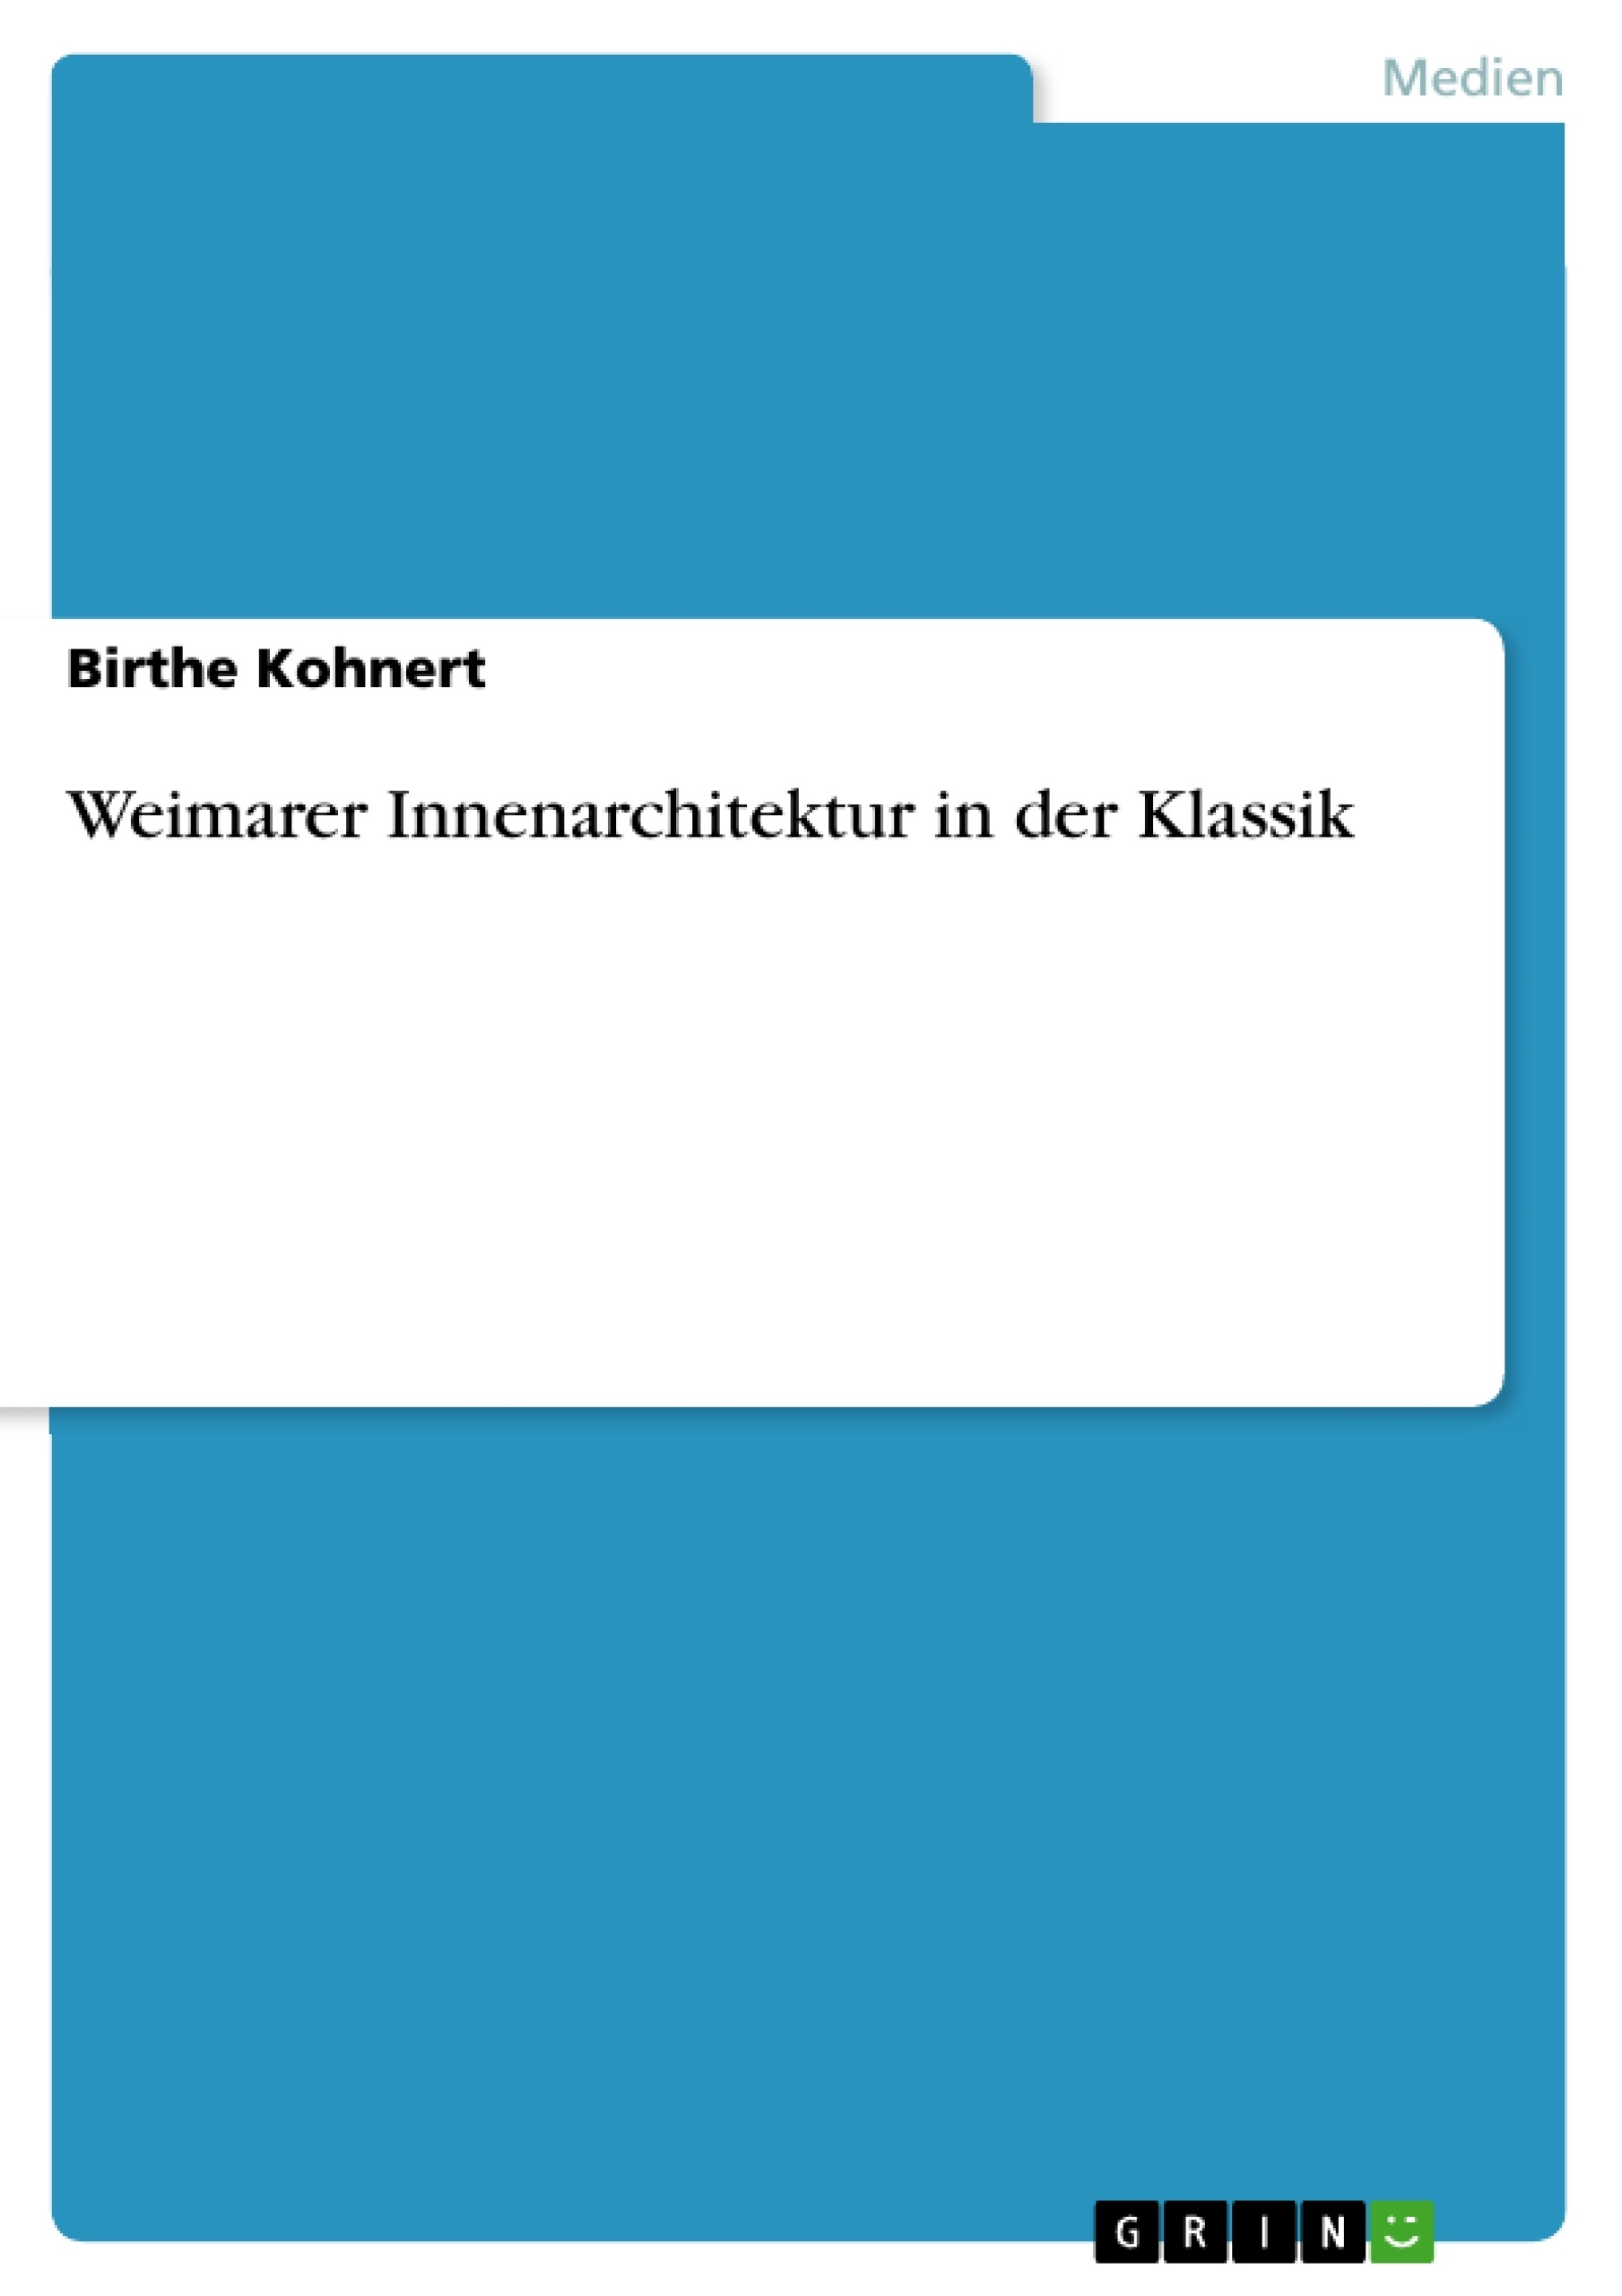 Weimarer innenarchitektur in der klassik masterarbeit for Innenarchitektur weimar